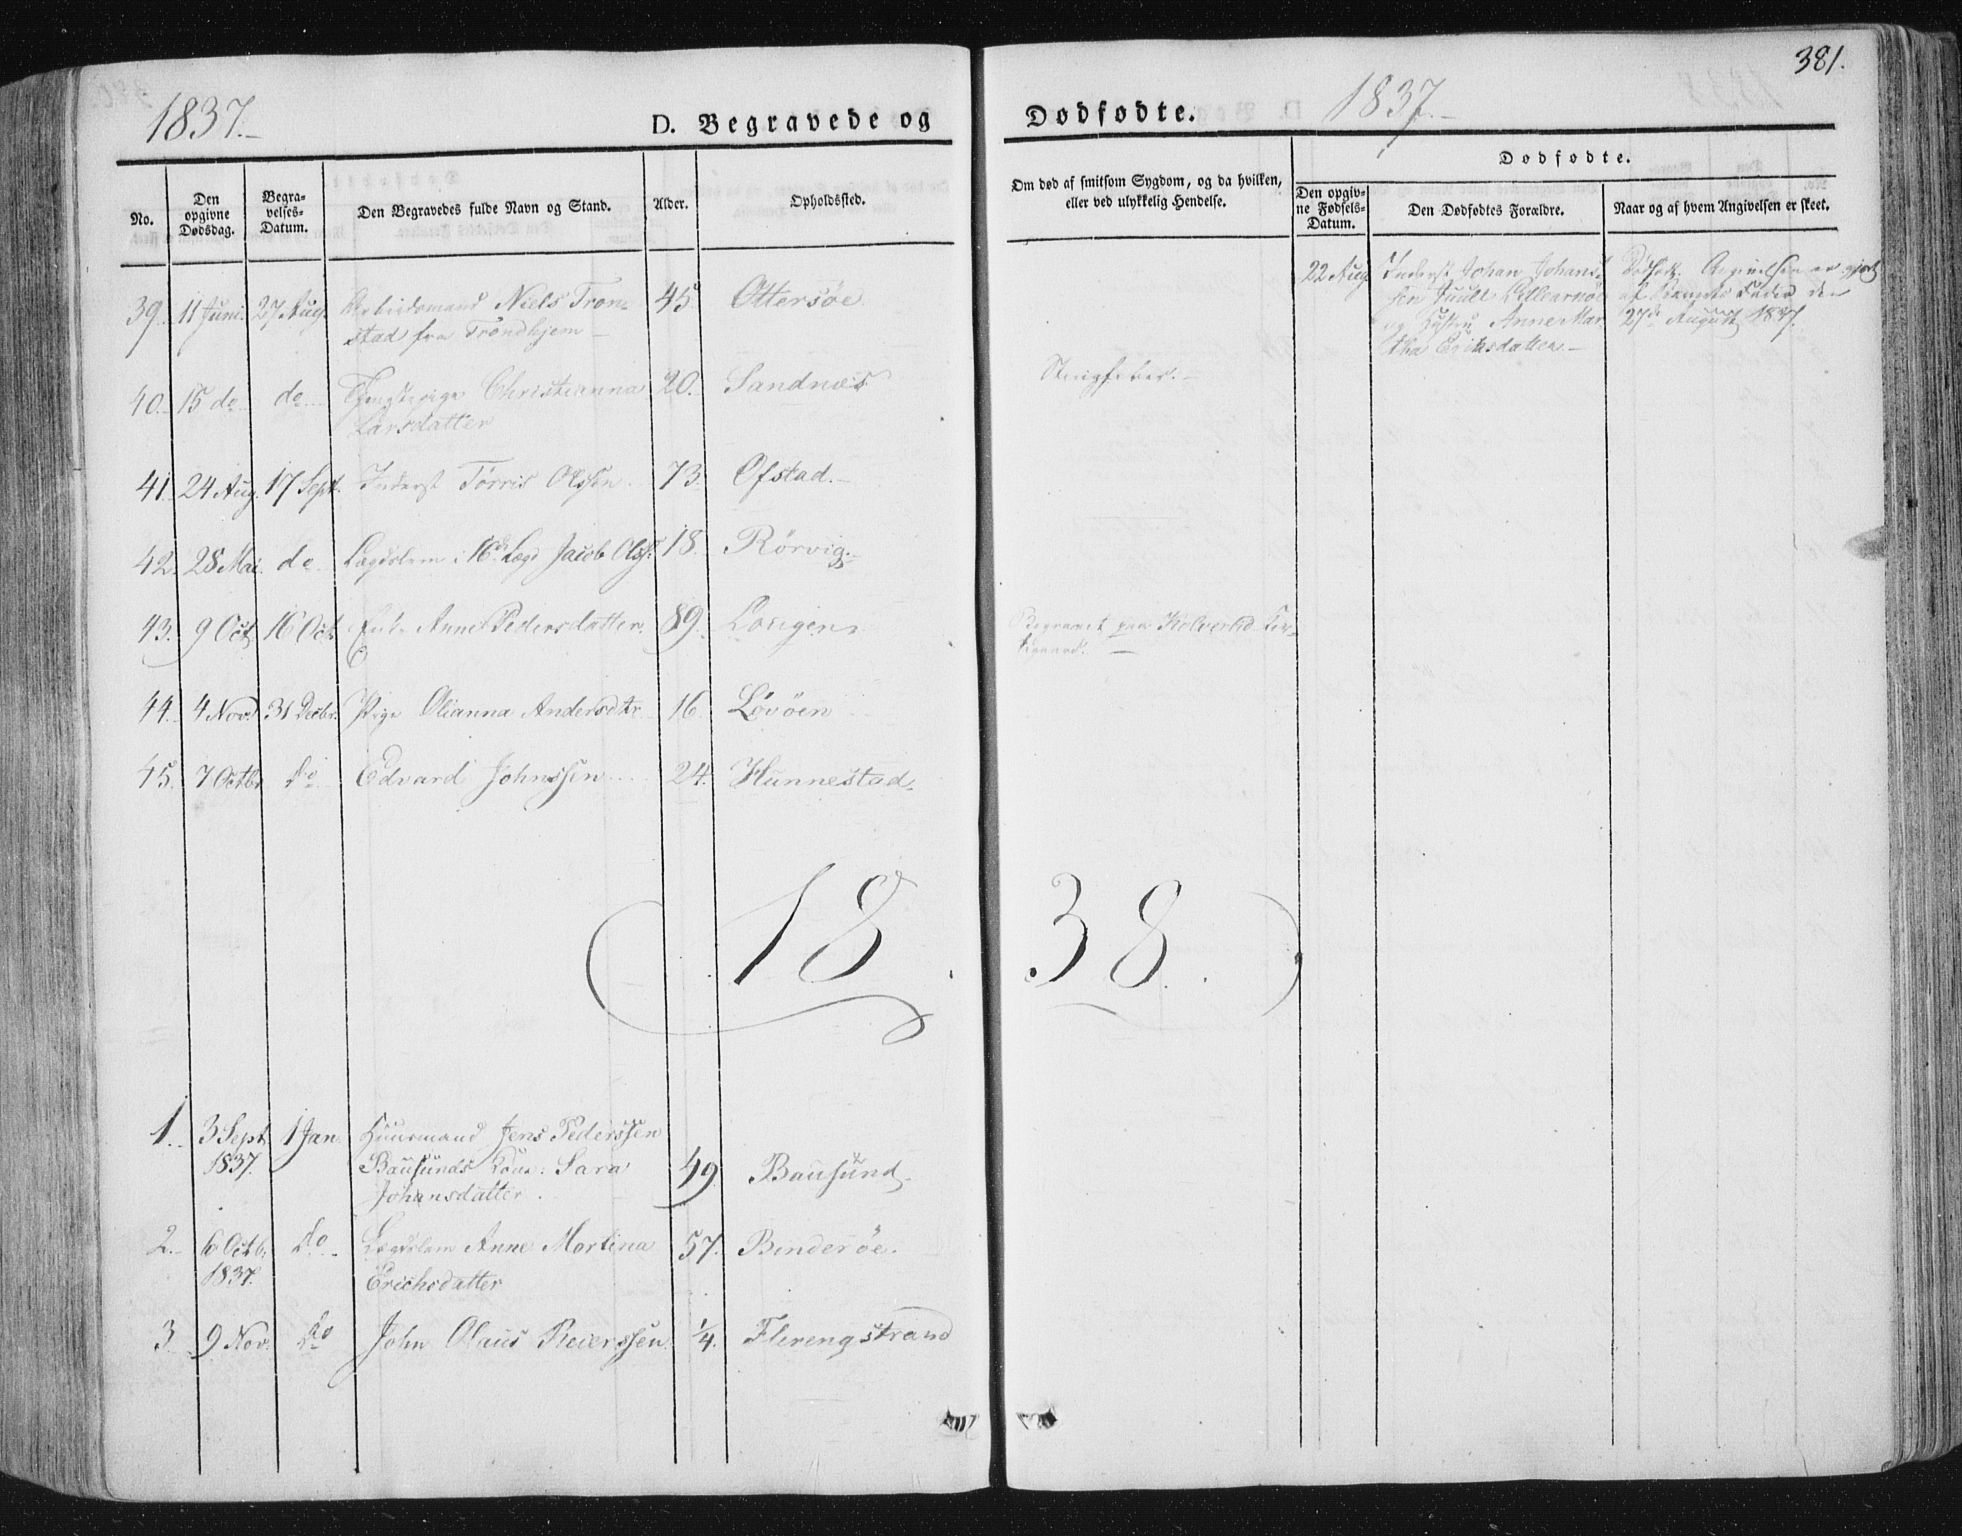 SAT, Ministerialprotokoller, klokkerbøker og fødselsregistre - Nord-Trøndelag, 784/L0669: Ministerialbok nr. 784A04, 1829-1859, s. 381